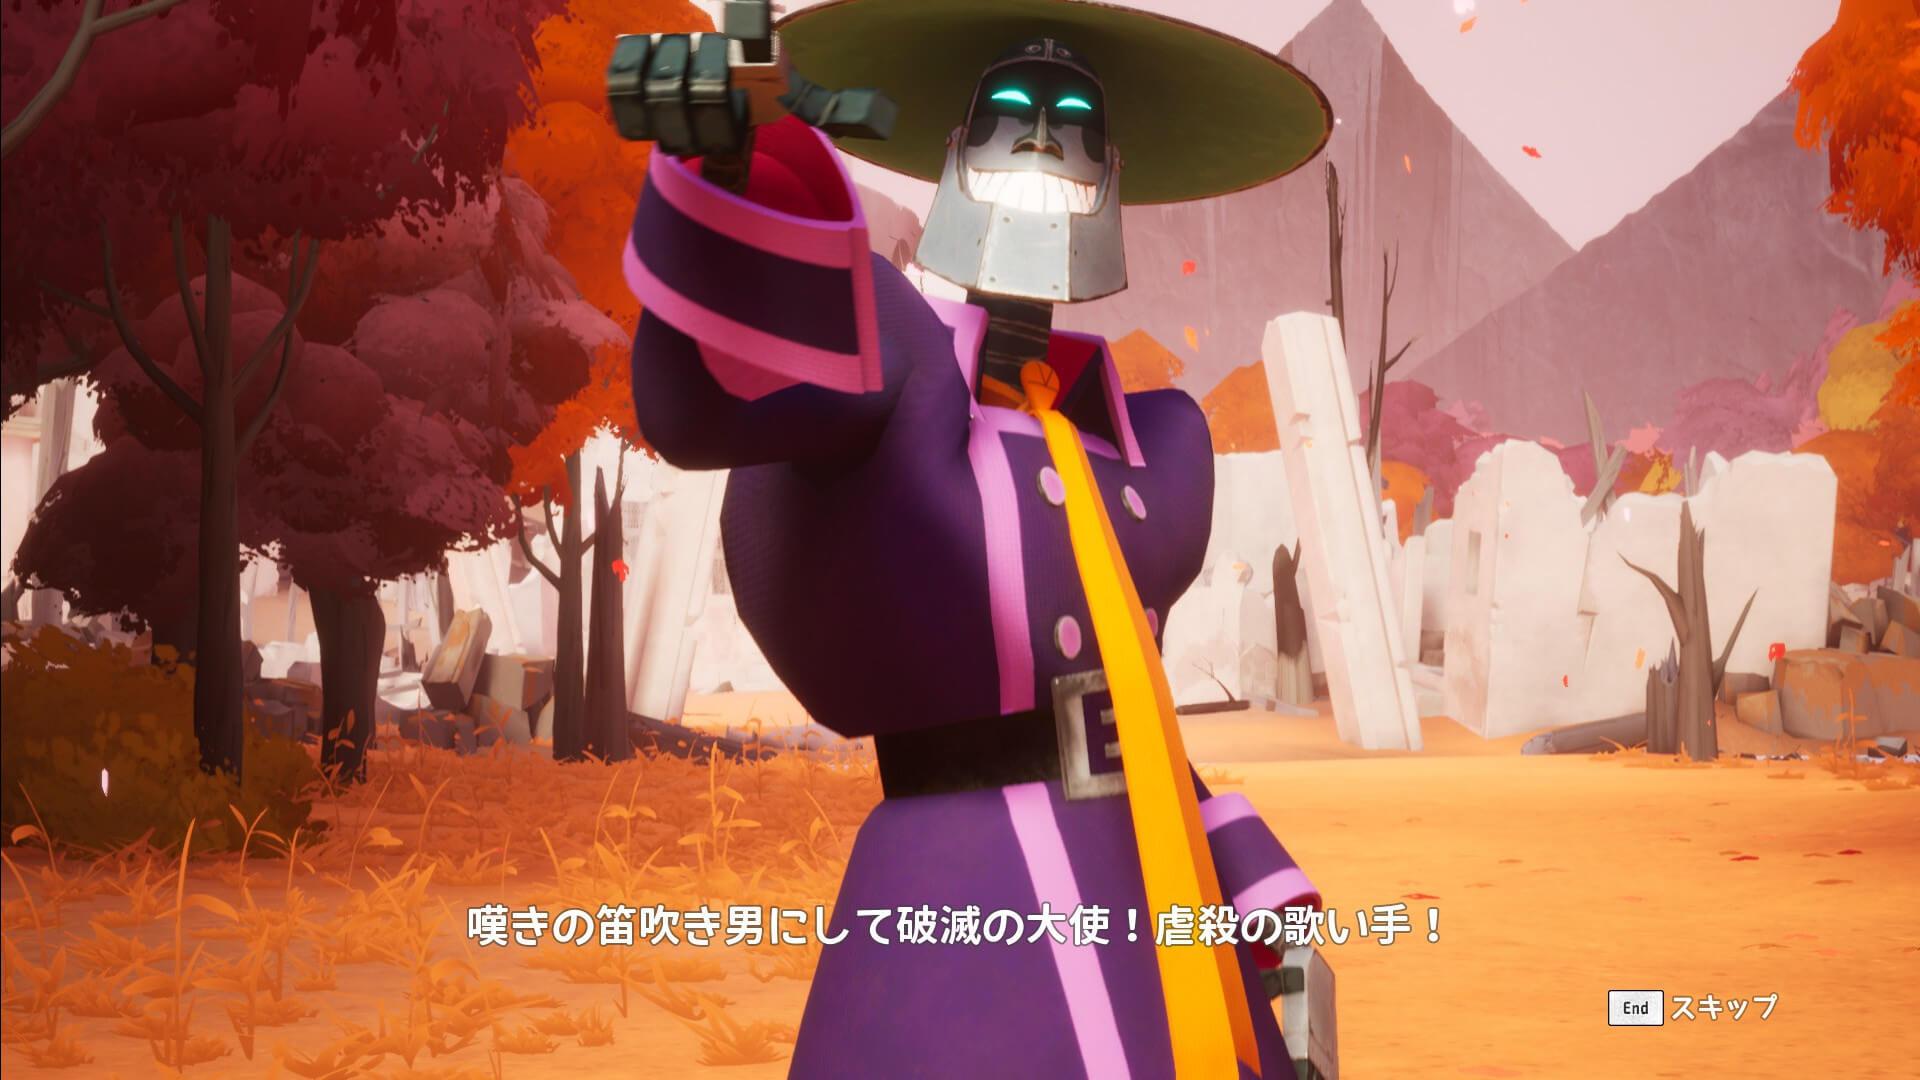 アクションRPG『サムライジャック:時空の戦い』Nintendo Switchダウンロード版の予約受付が開始!アニメ『サムライ ジャック』も特別放送決定 tech201217_samuraijack_zikunotatakai_4